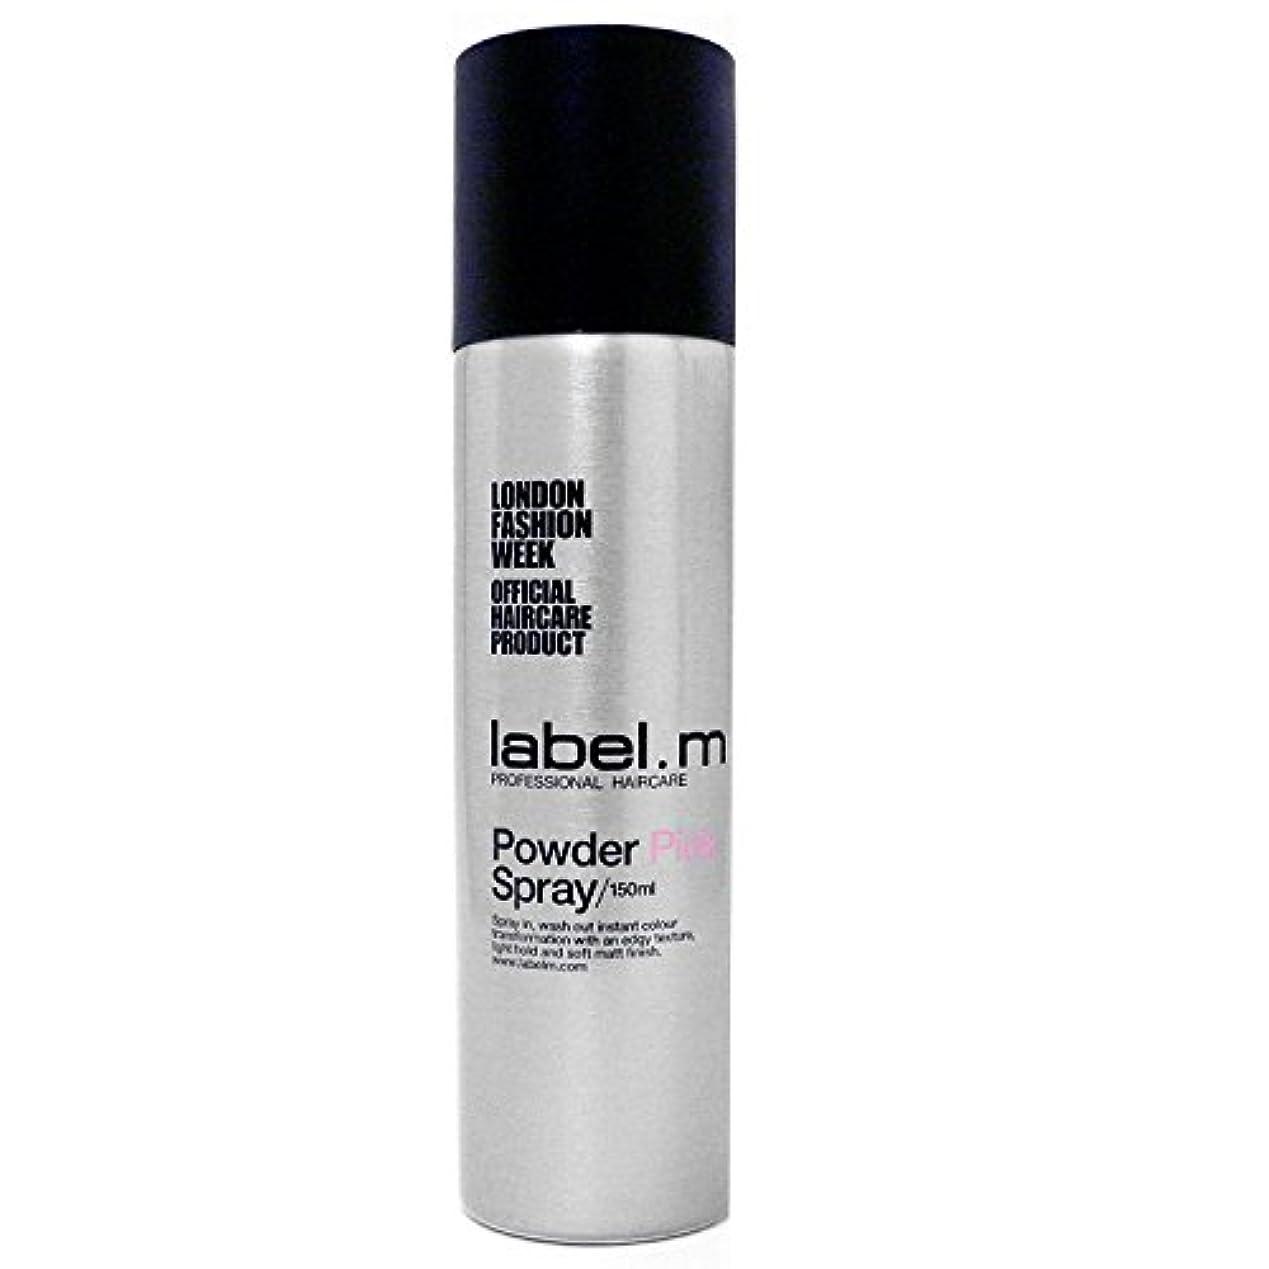 Label.M Professional Haircare ラベルMパウダーピンクの5オズ(150ミリリットル)をスプレー 5オンス